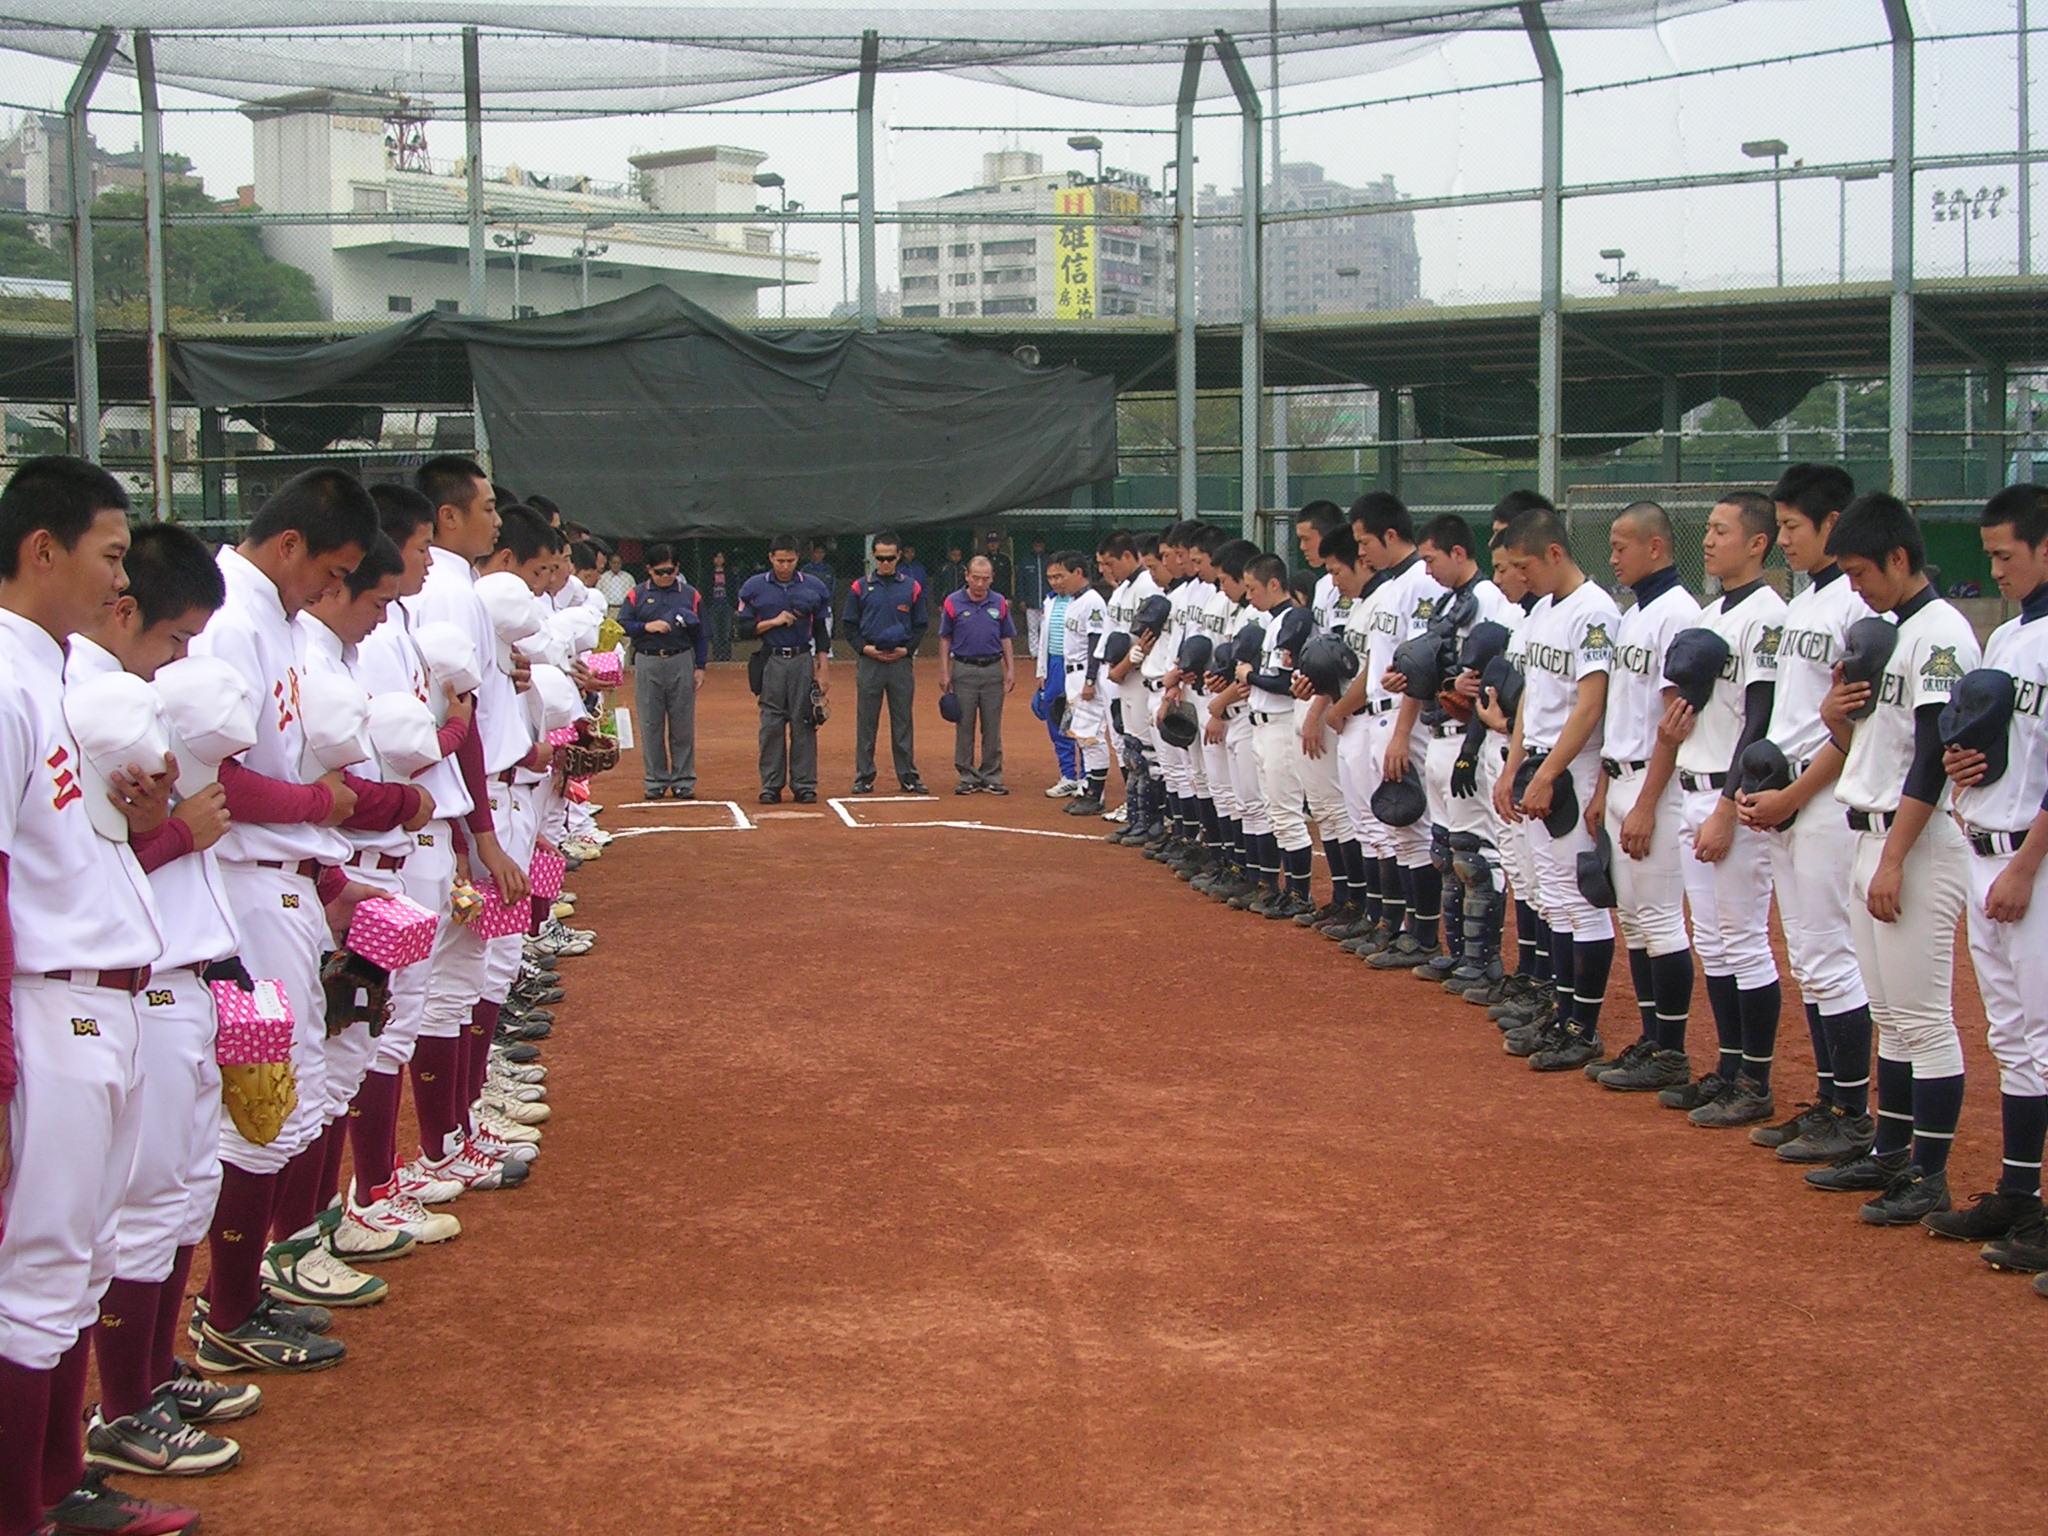 日本岡山縣學藝館高校棒球隊訪高友誼賽二勝二和作收